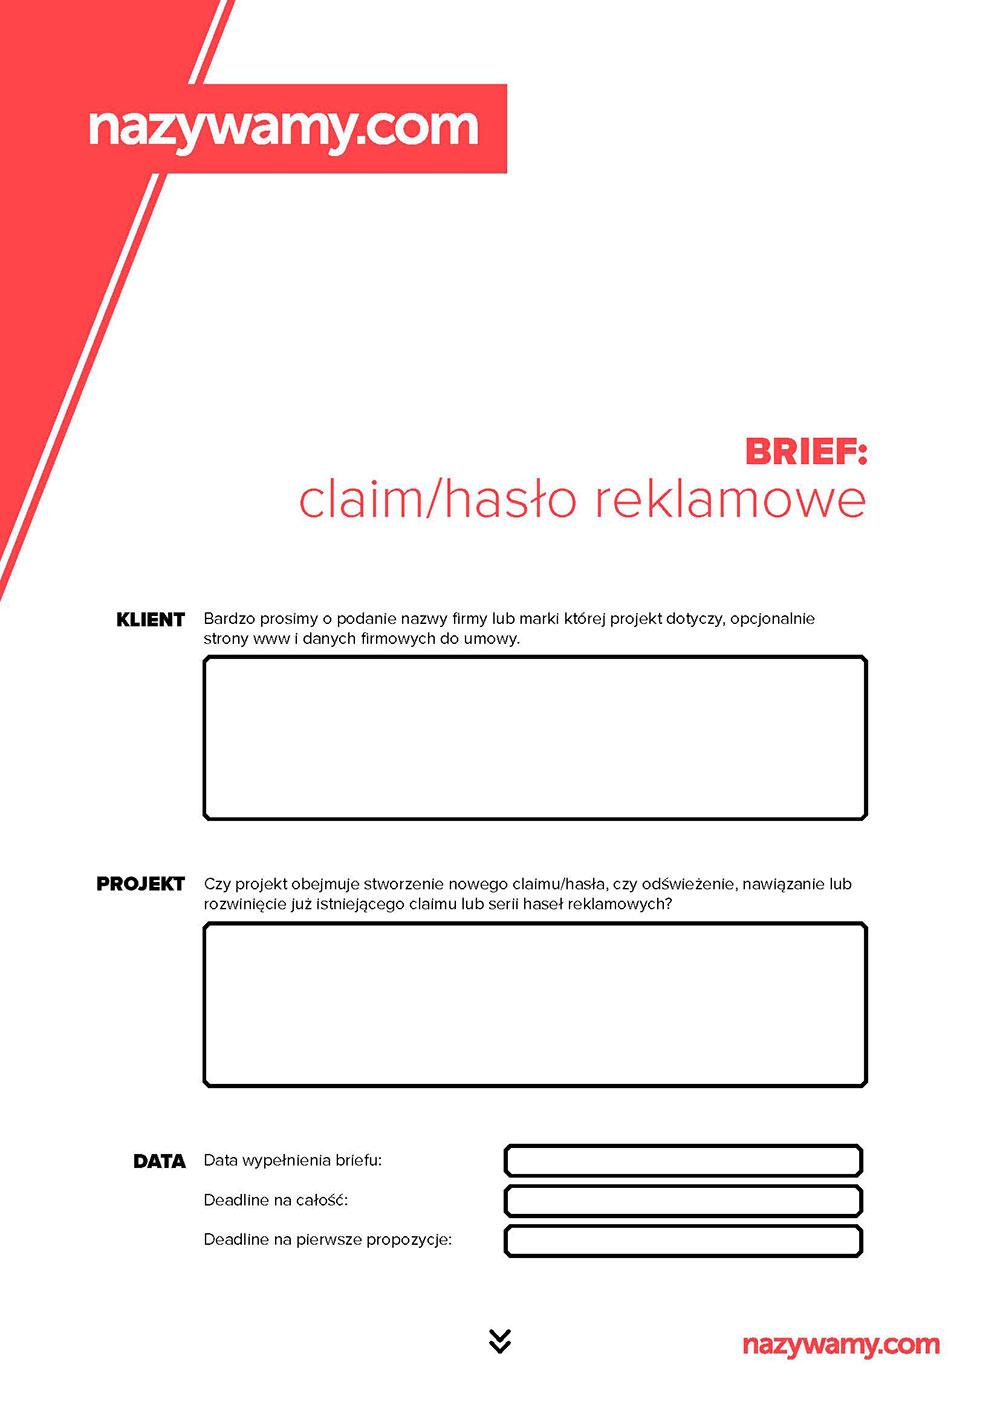 Nazywamy_Brief_Claim